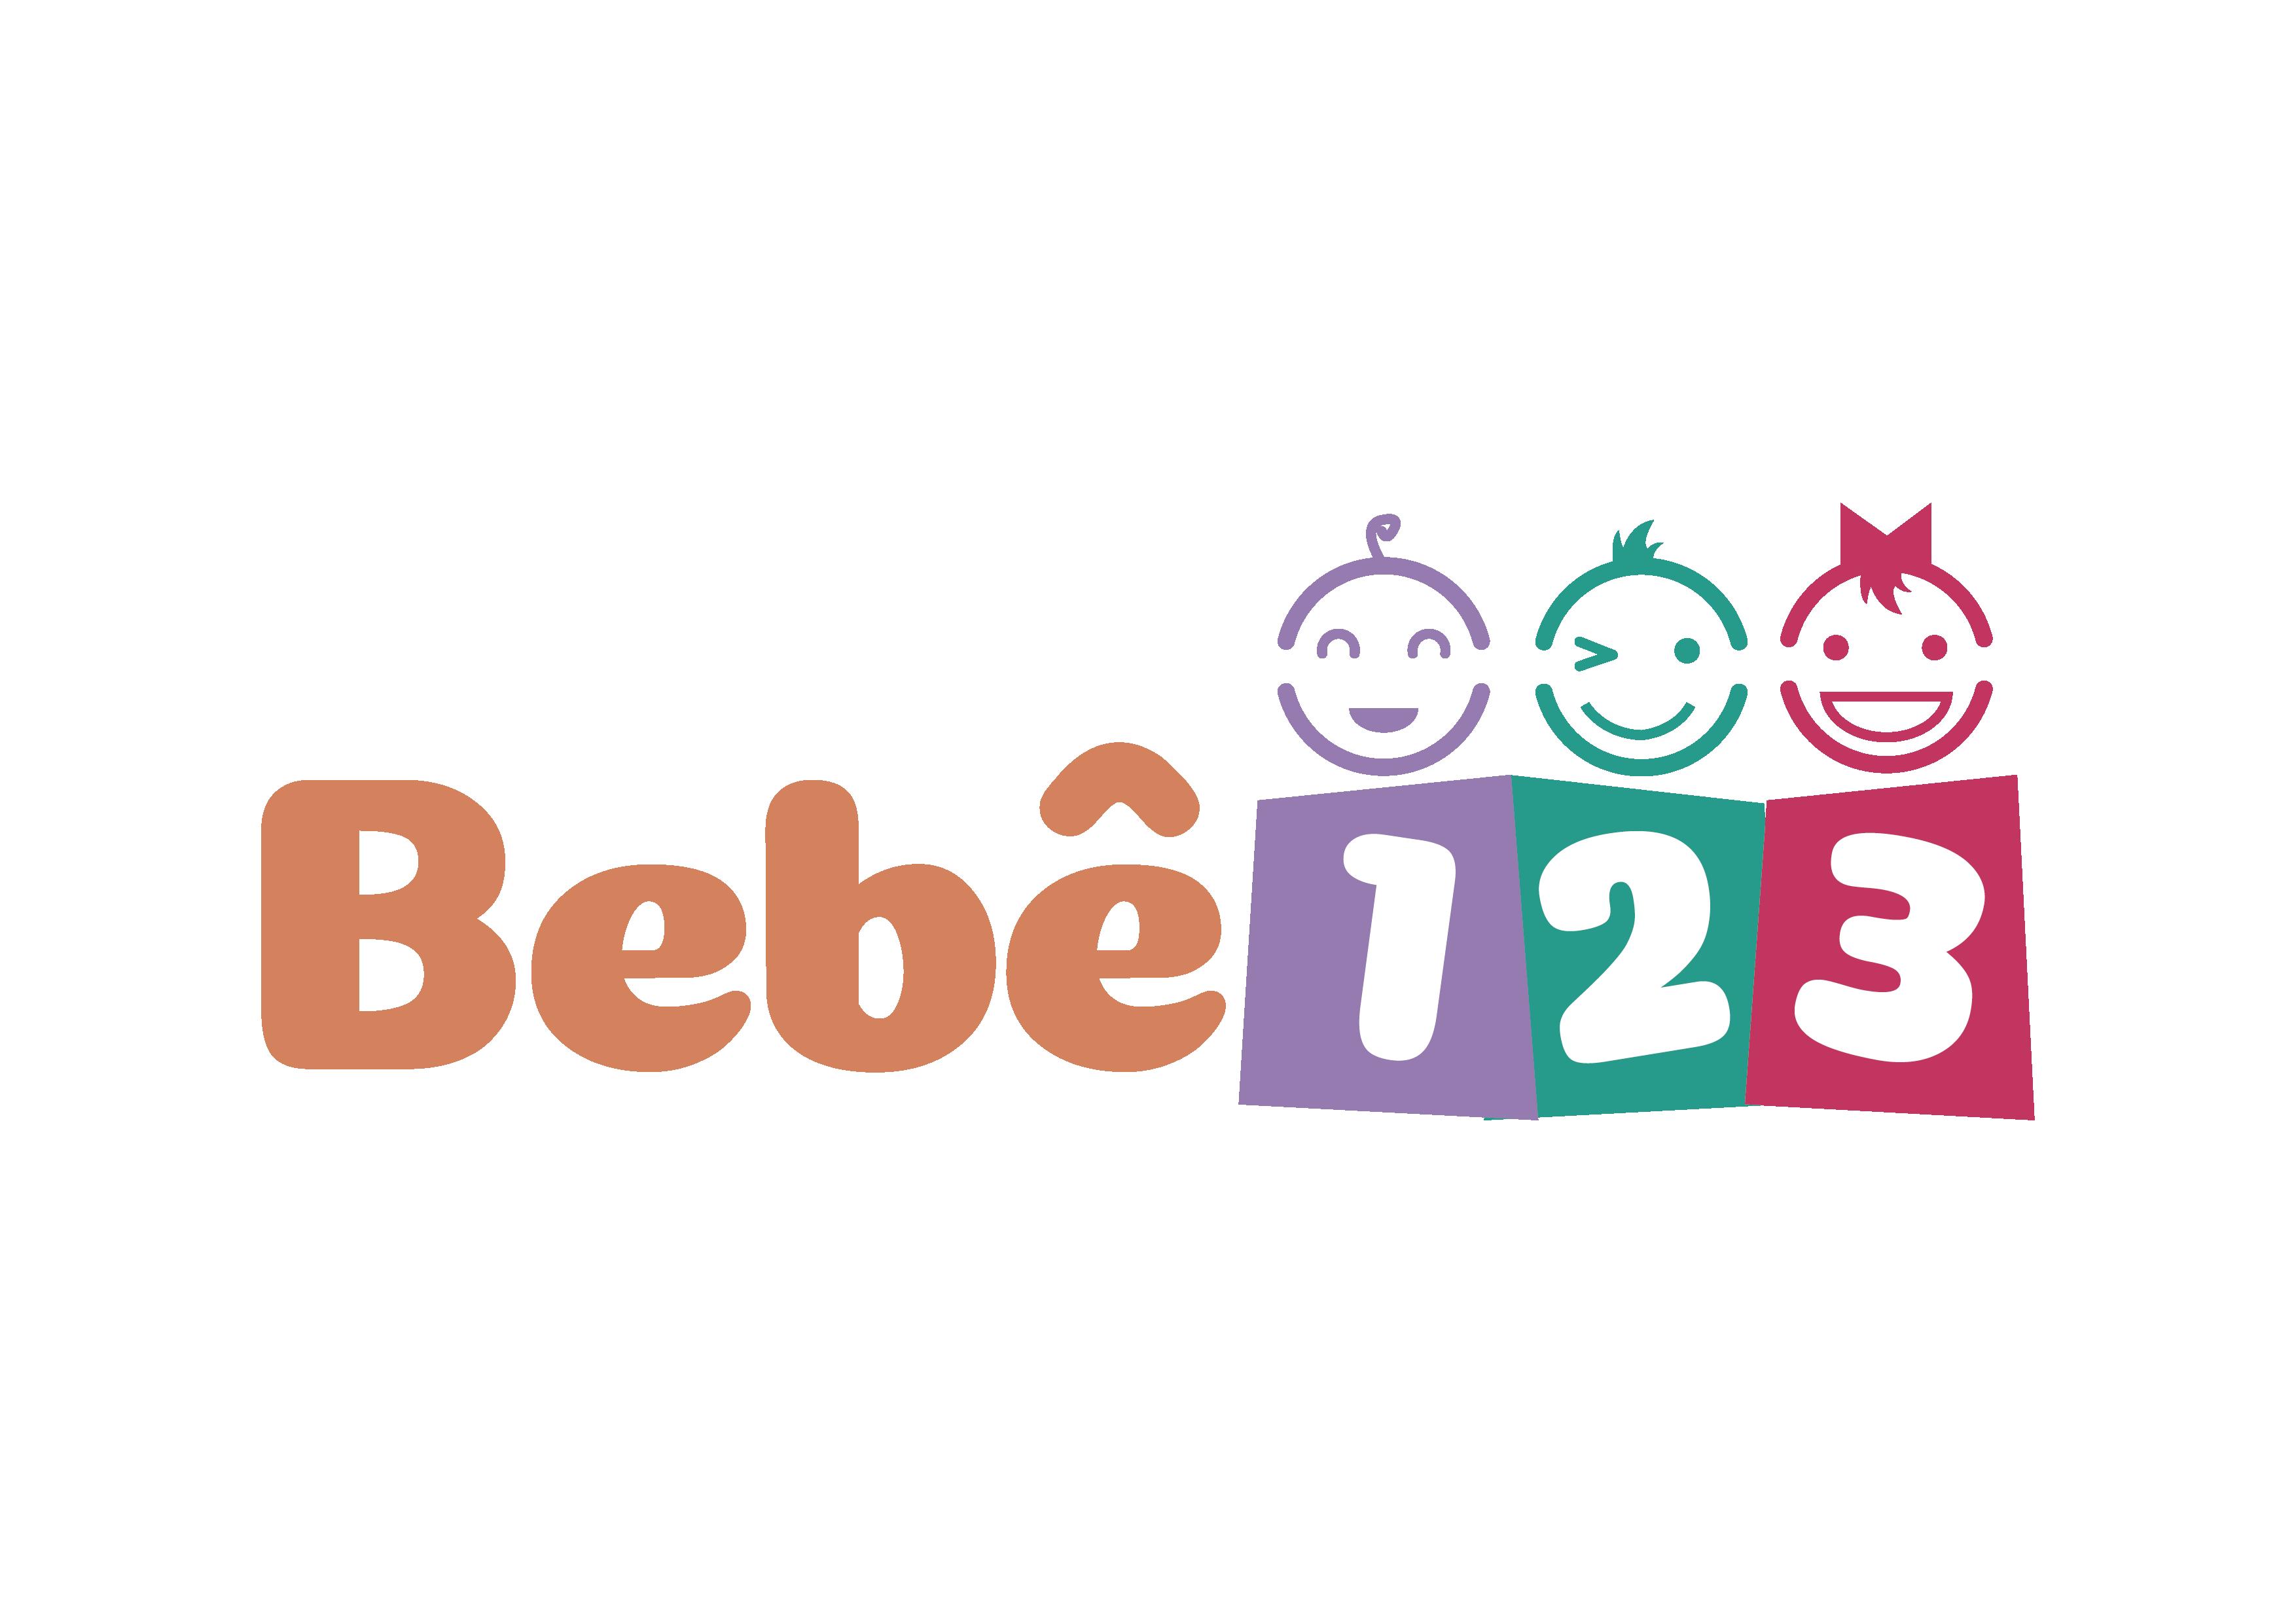 Bebê 123